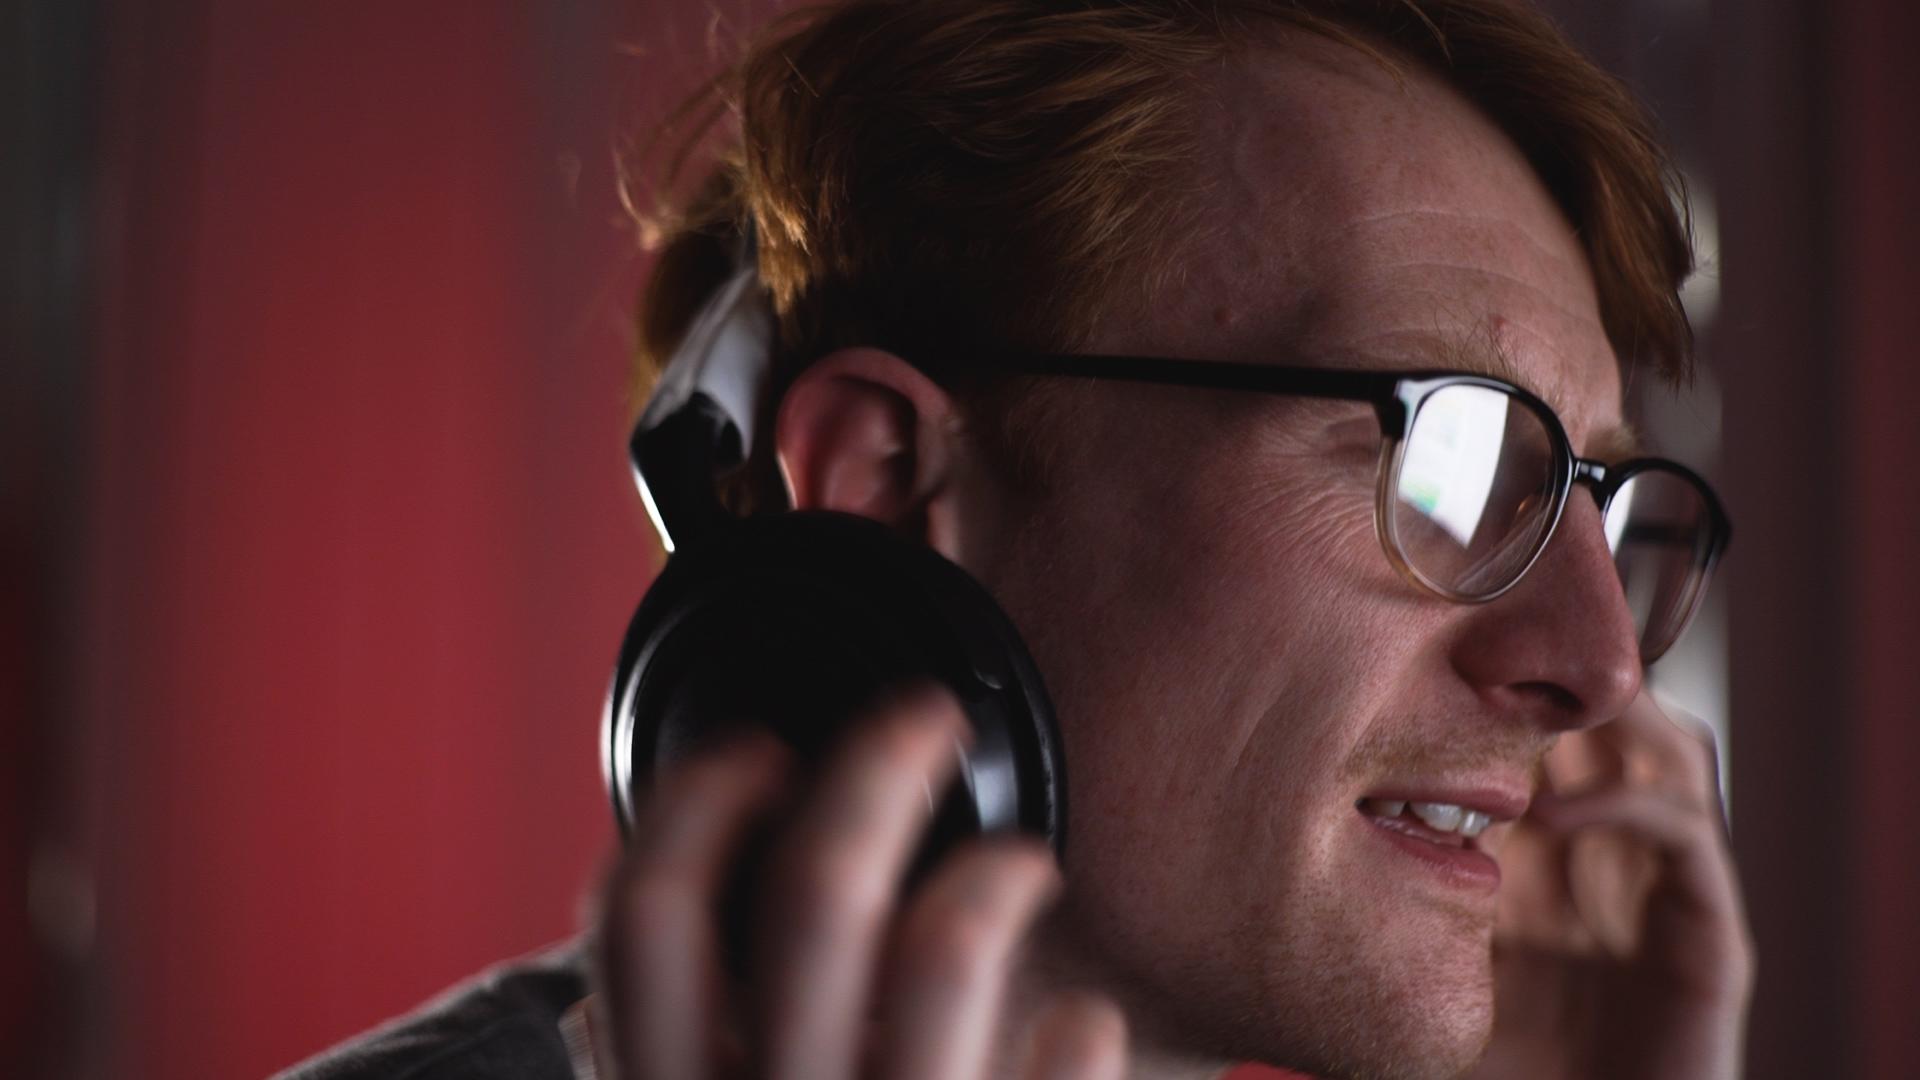 Rob's dodgy headphones